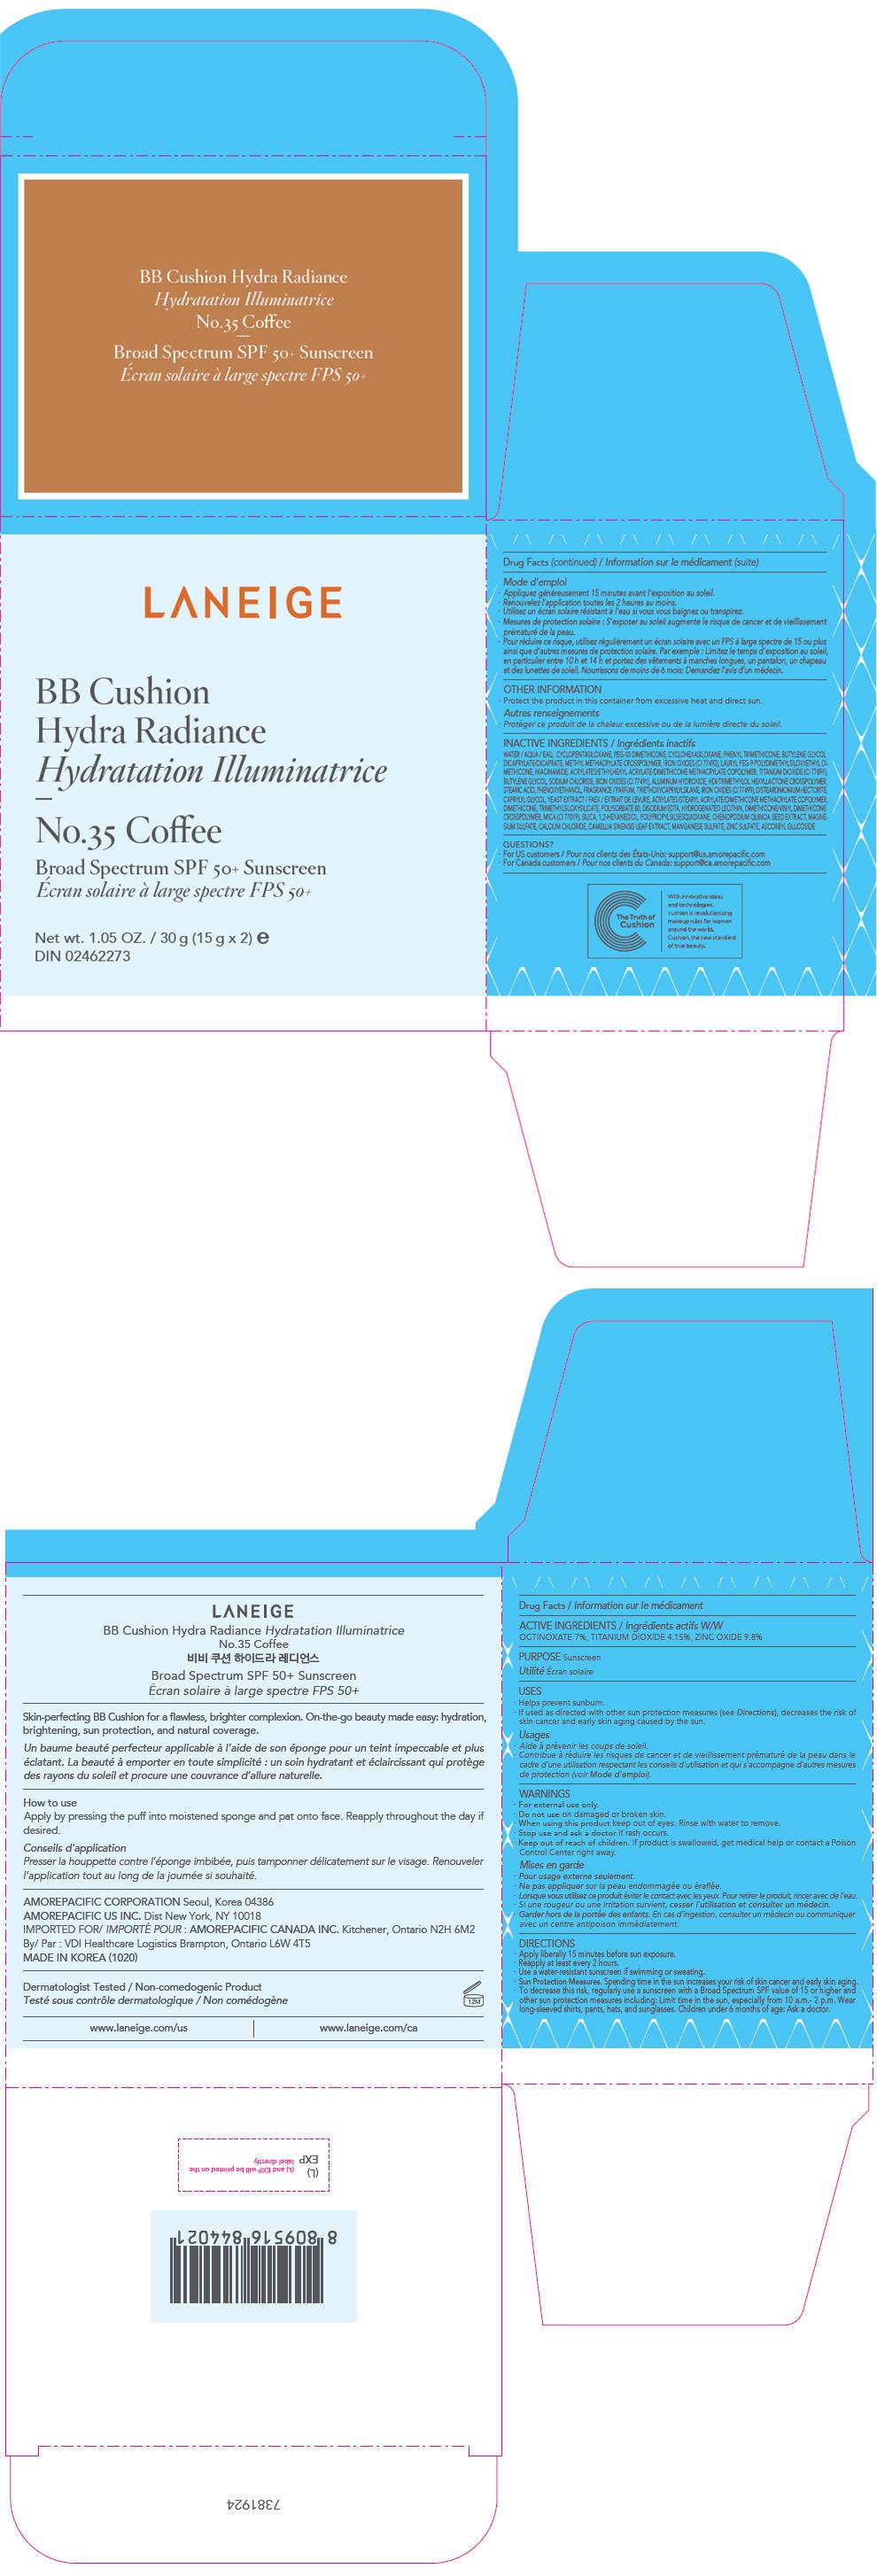 PRINCIPAL DISPLAY PANEL - 15 g x 2 Container Carton - No.35 Coffee